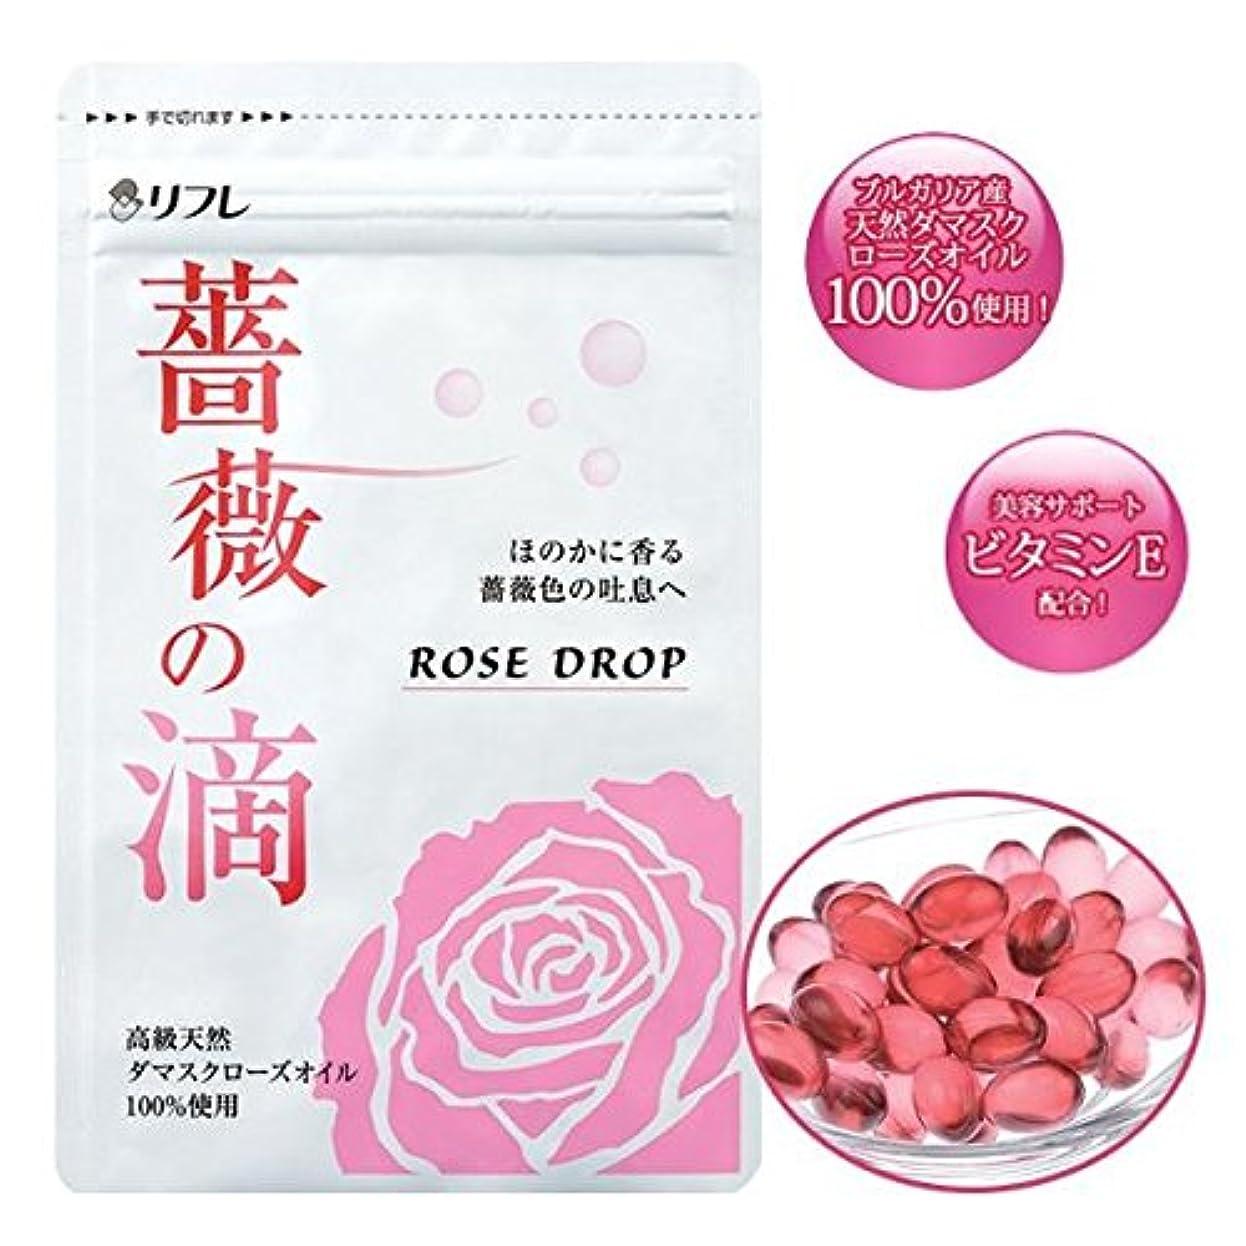 迅速に対して上院リフレ ローズサプリ 薔薇の滴(ばらのしずく) 1袋62粒(約1ヵ月分) 日本製 Japan